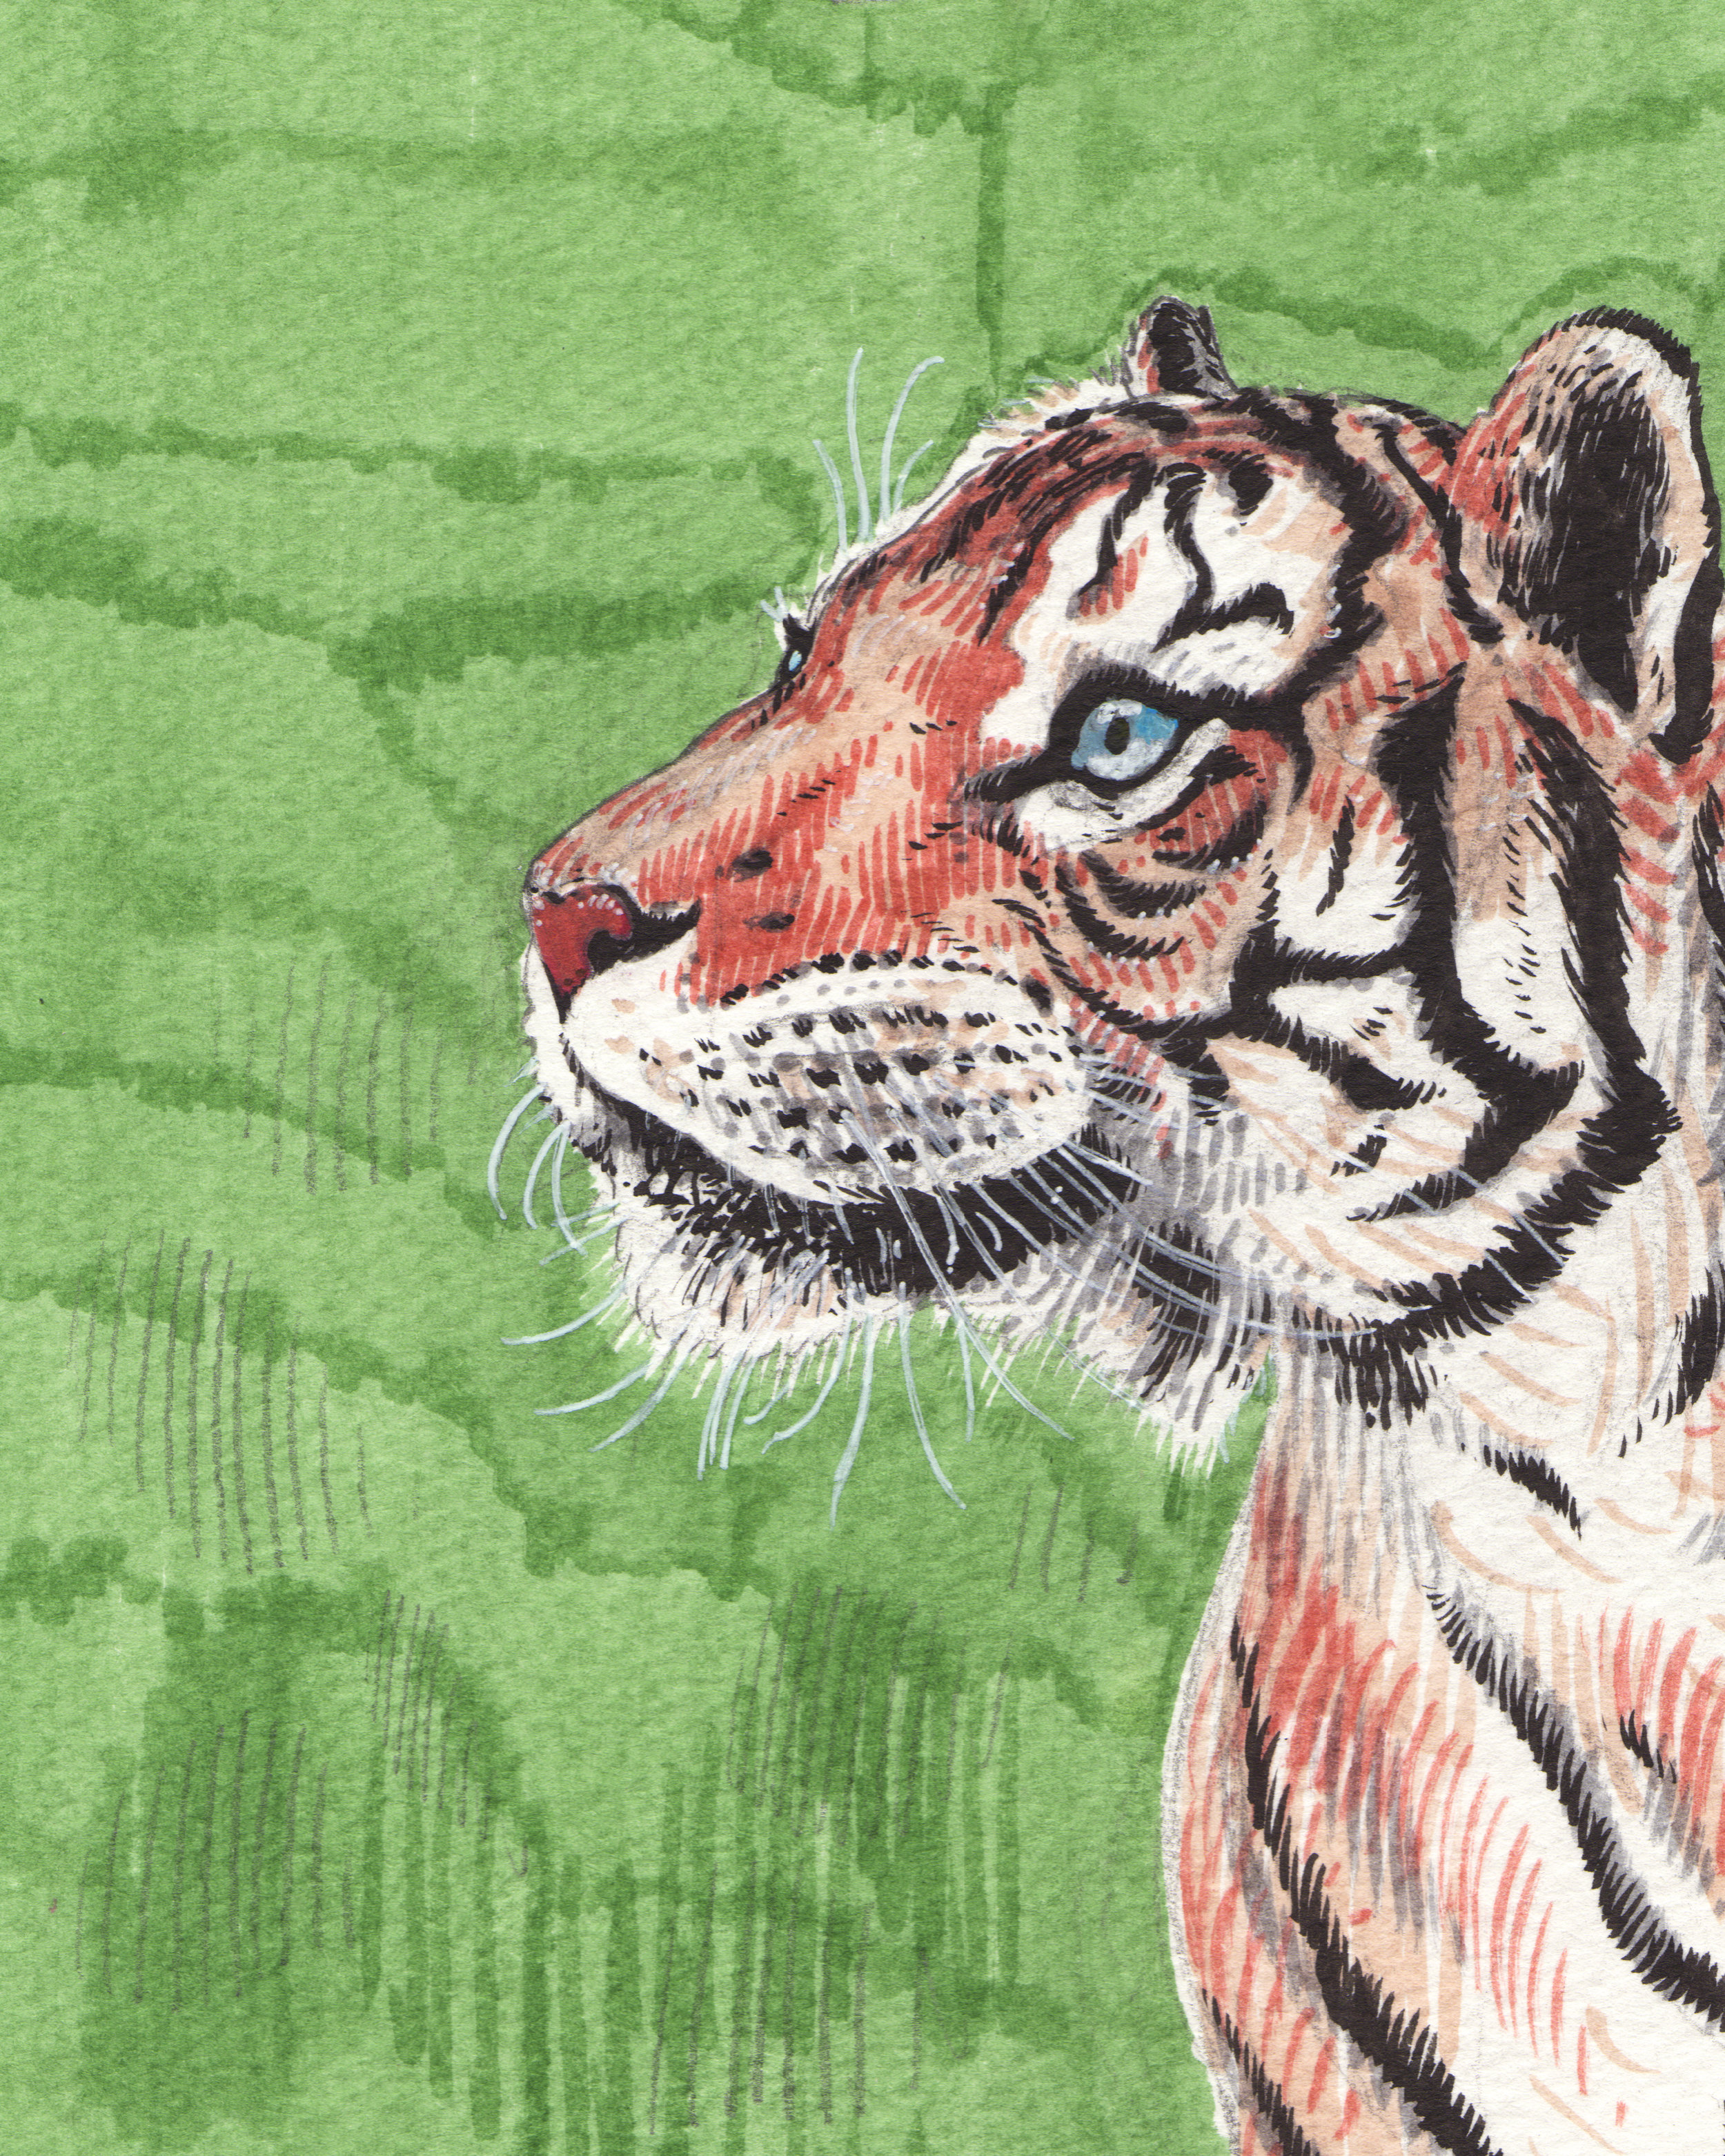 _tiger.jpg